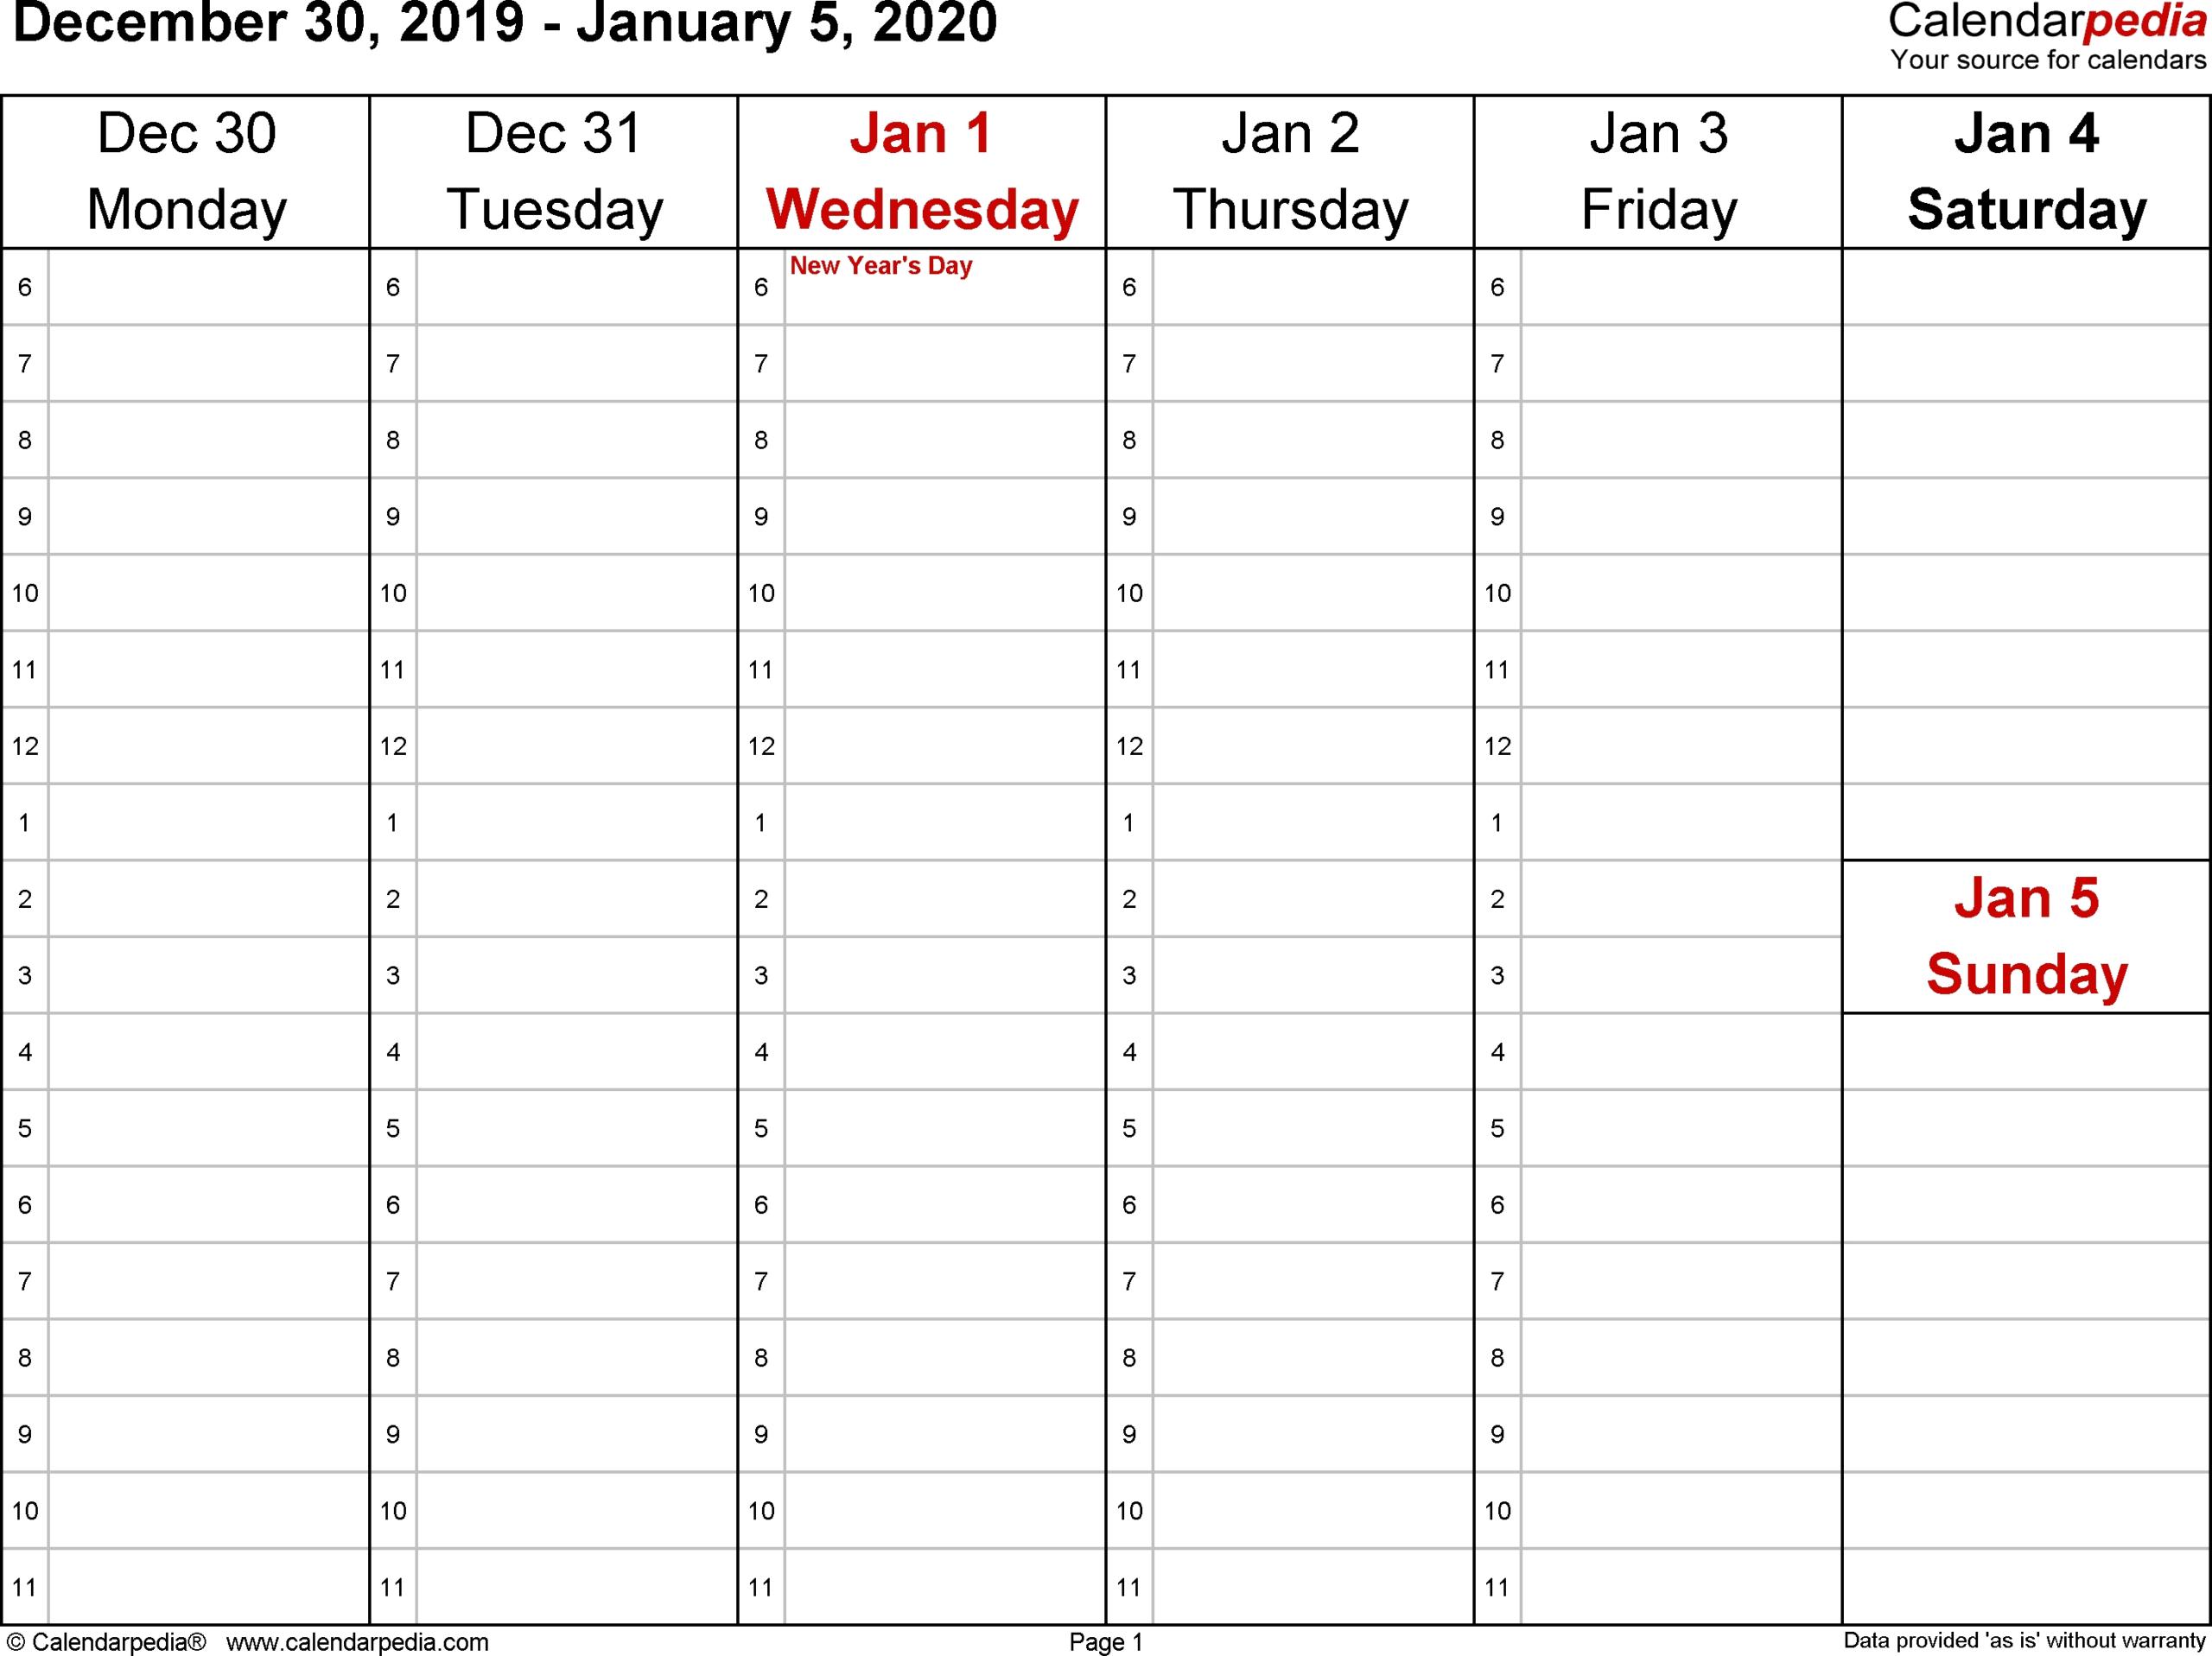 2020 Employee Attendance Calendar Pdf - Template Calendar